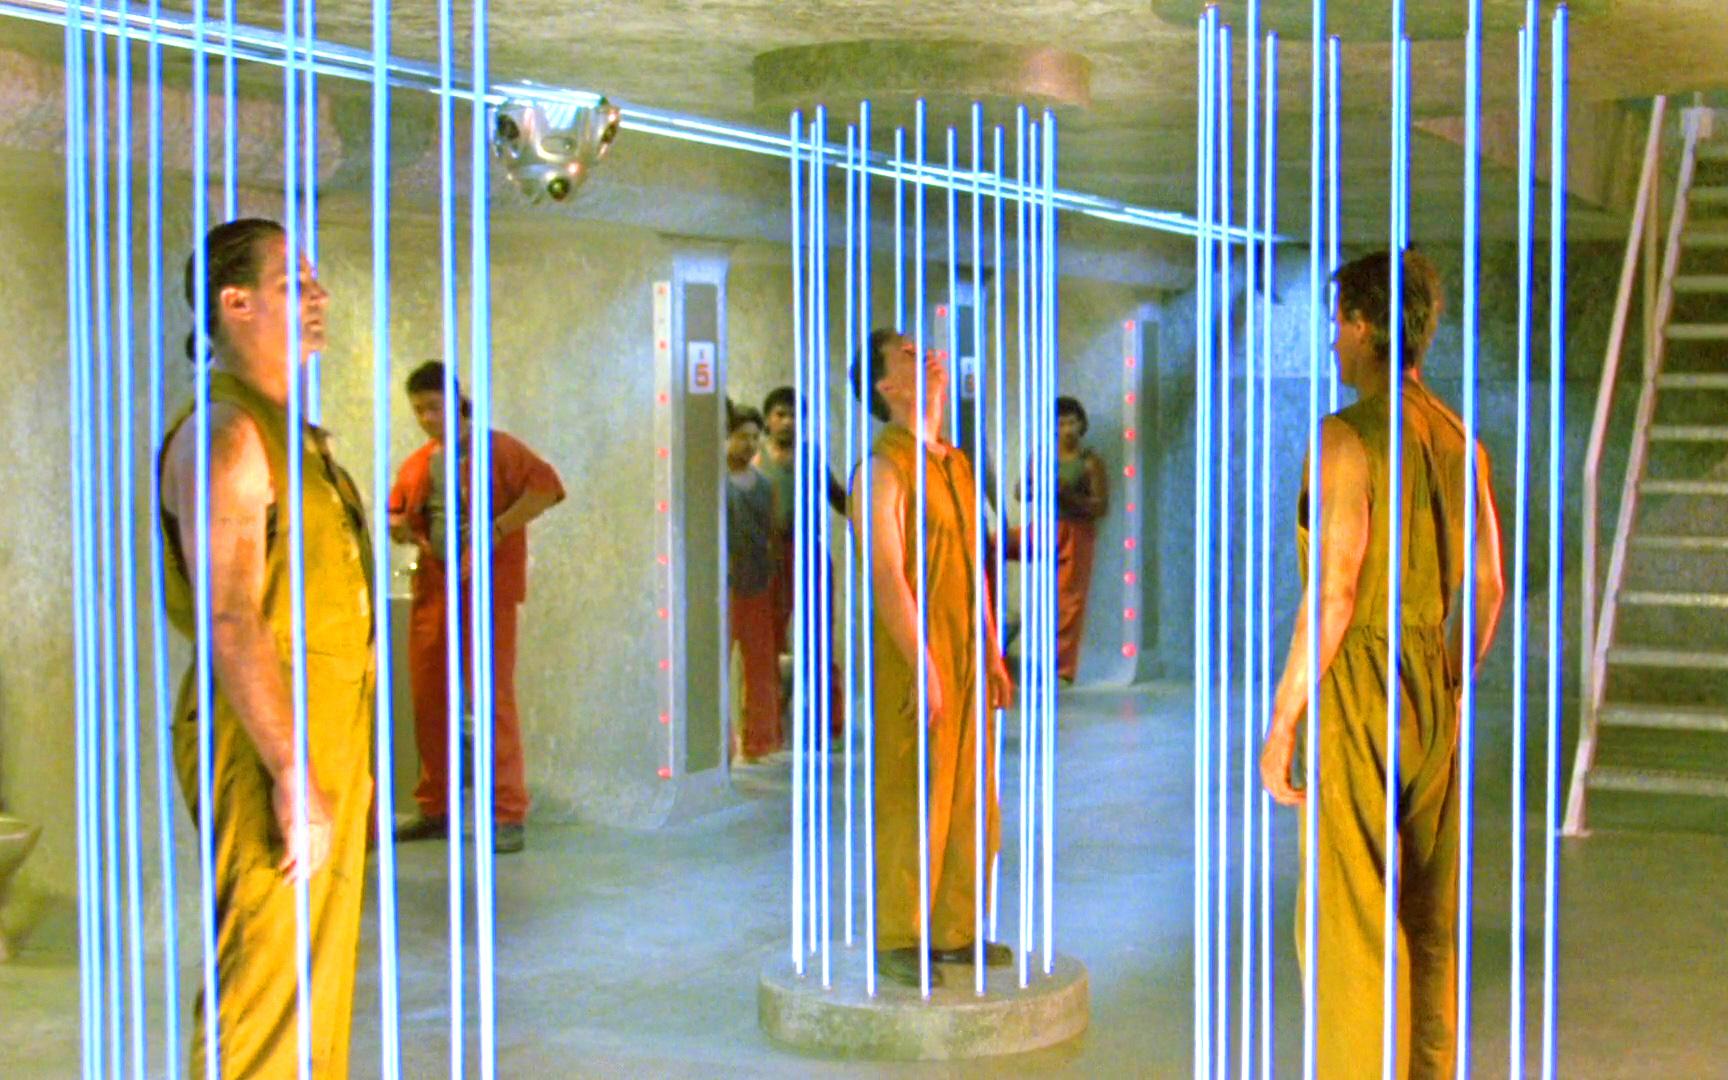 未来监狱由激光围成,犯人一旦接触,就会被致命激光切割!速看科幻电影《魔鬼武器》